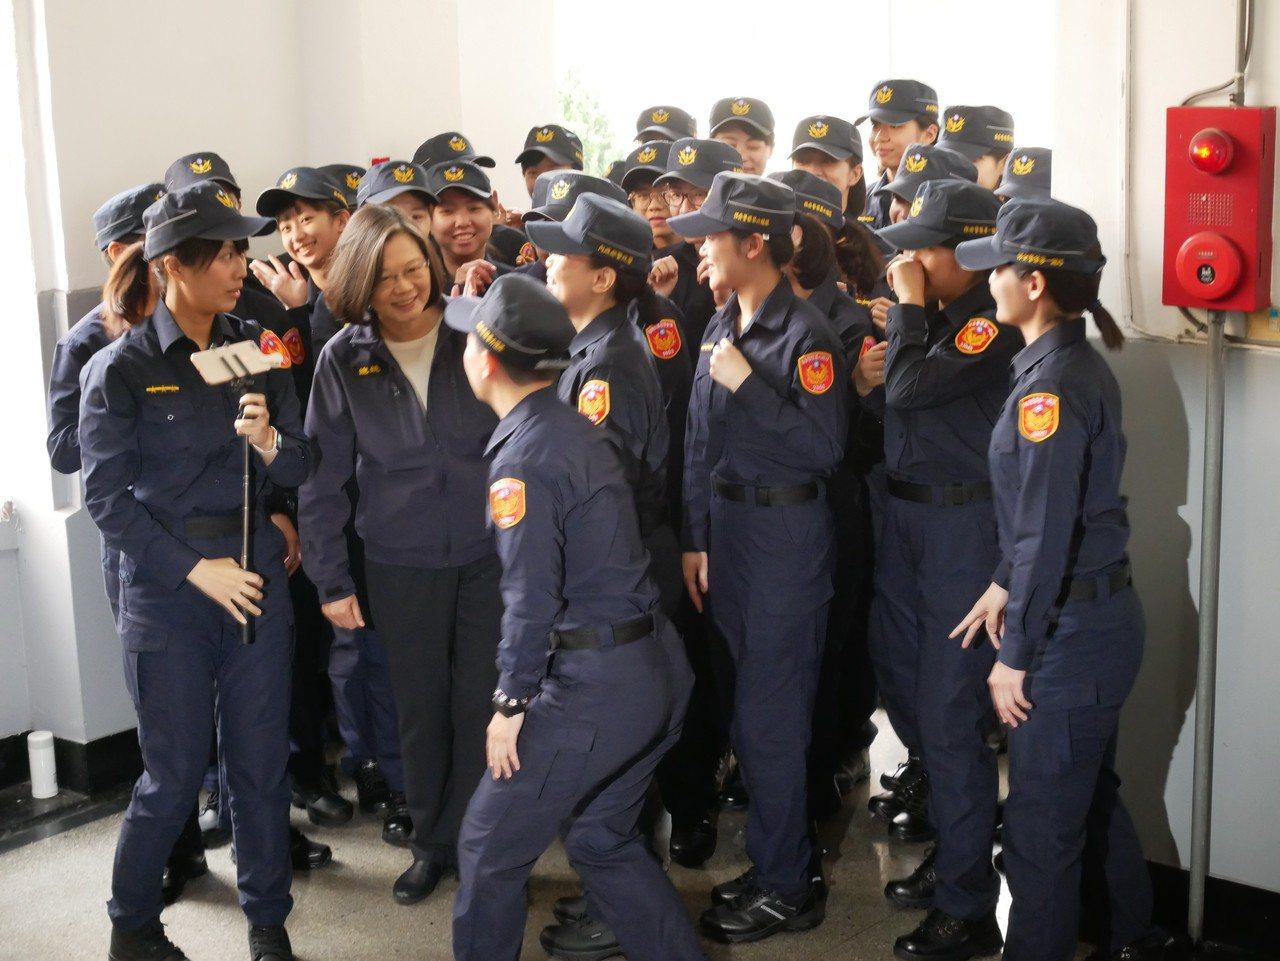 總統蔡英文參加警政署新制服換裝,和穿著新制服女警一起自拍。記者陳金松/攝影